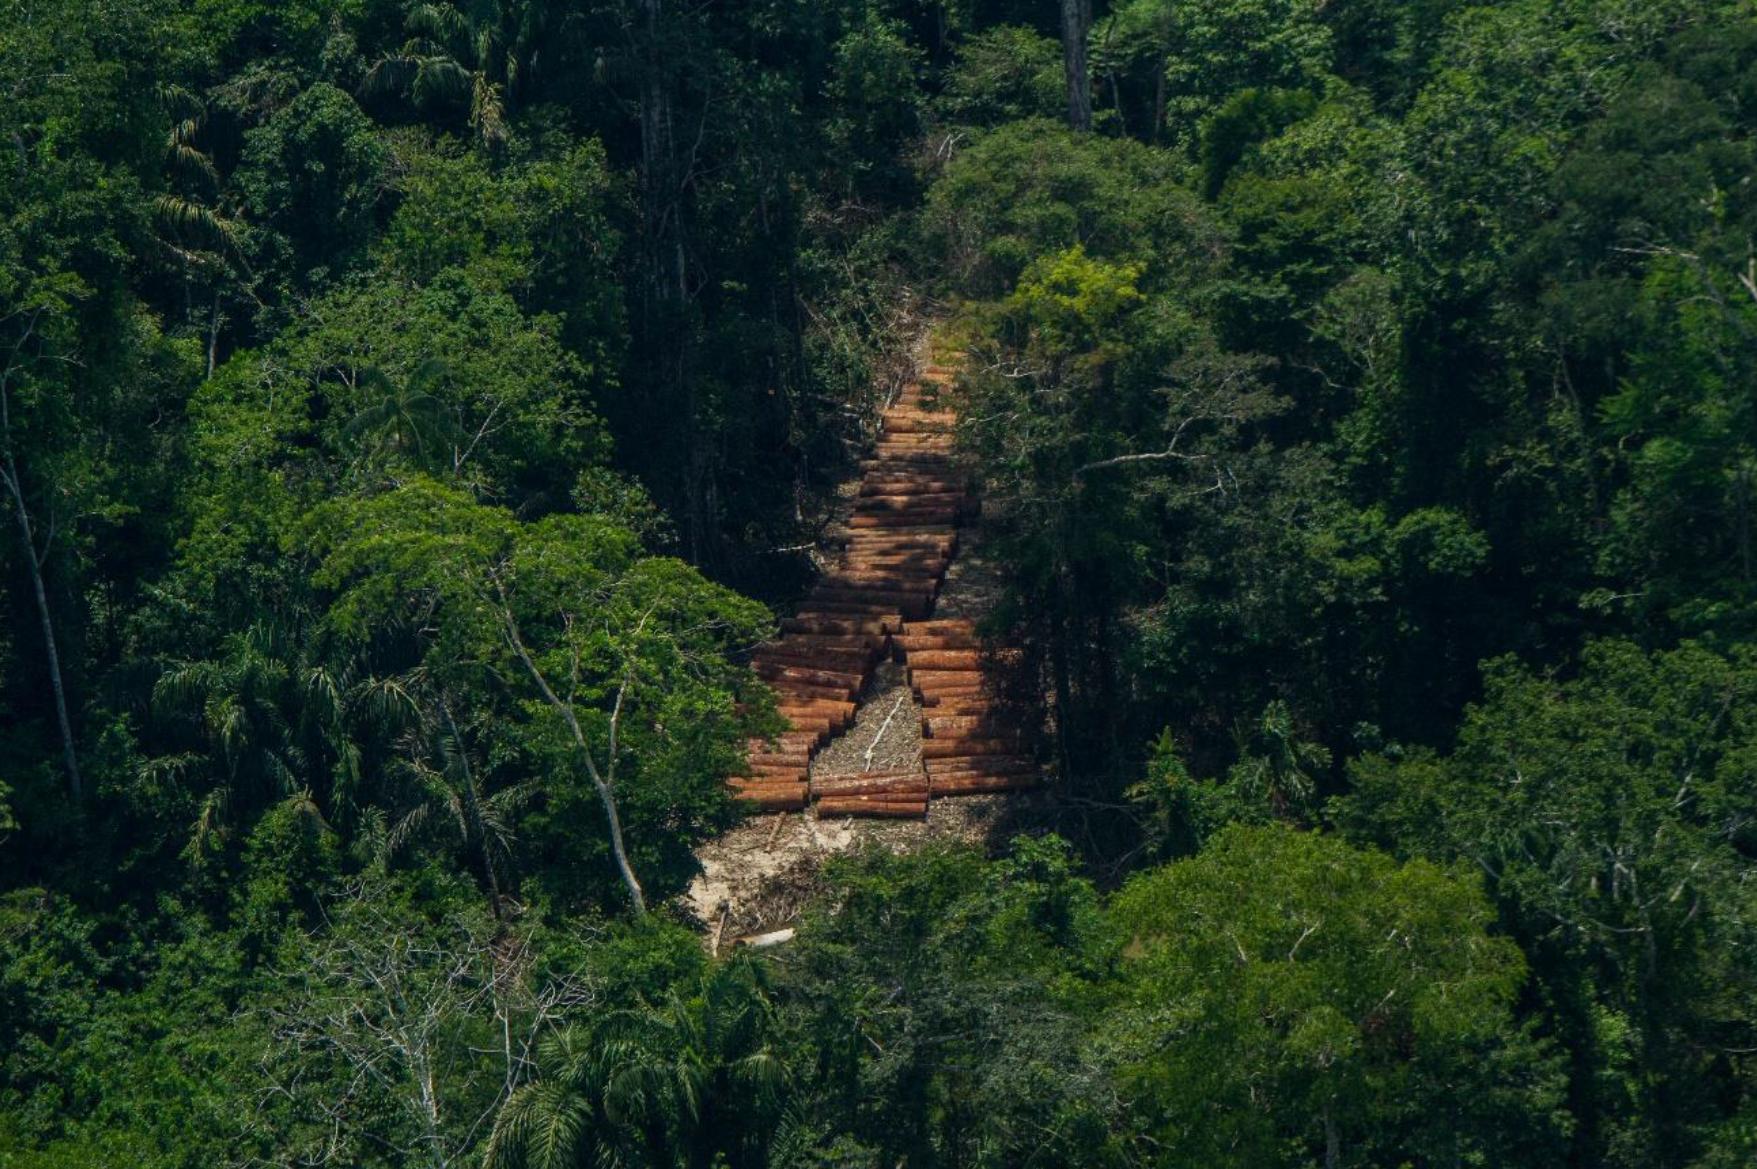 Demanda de amparo contra la reactivación económica en el sector forestal para proteger a los pueblos en aislamiento